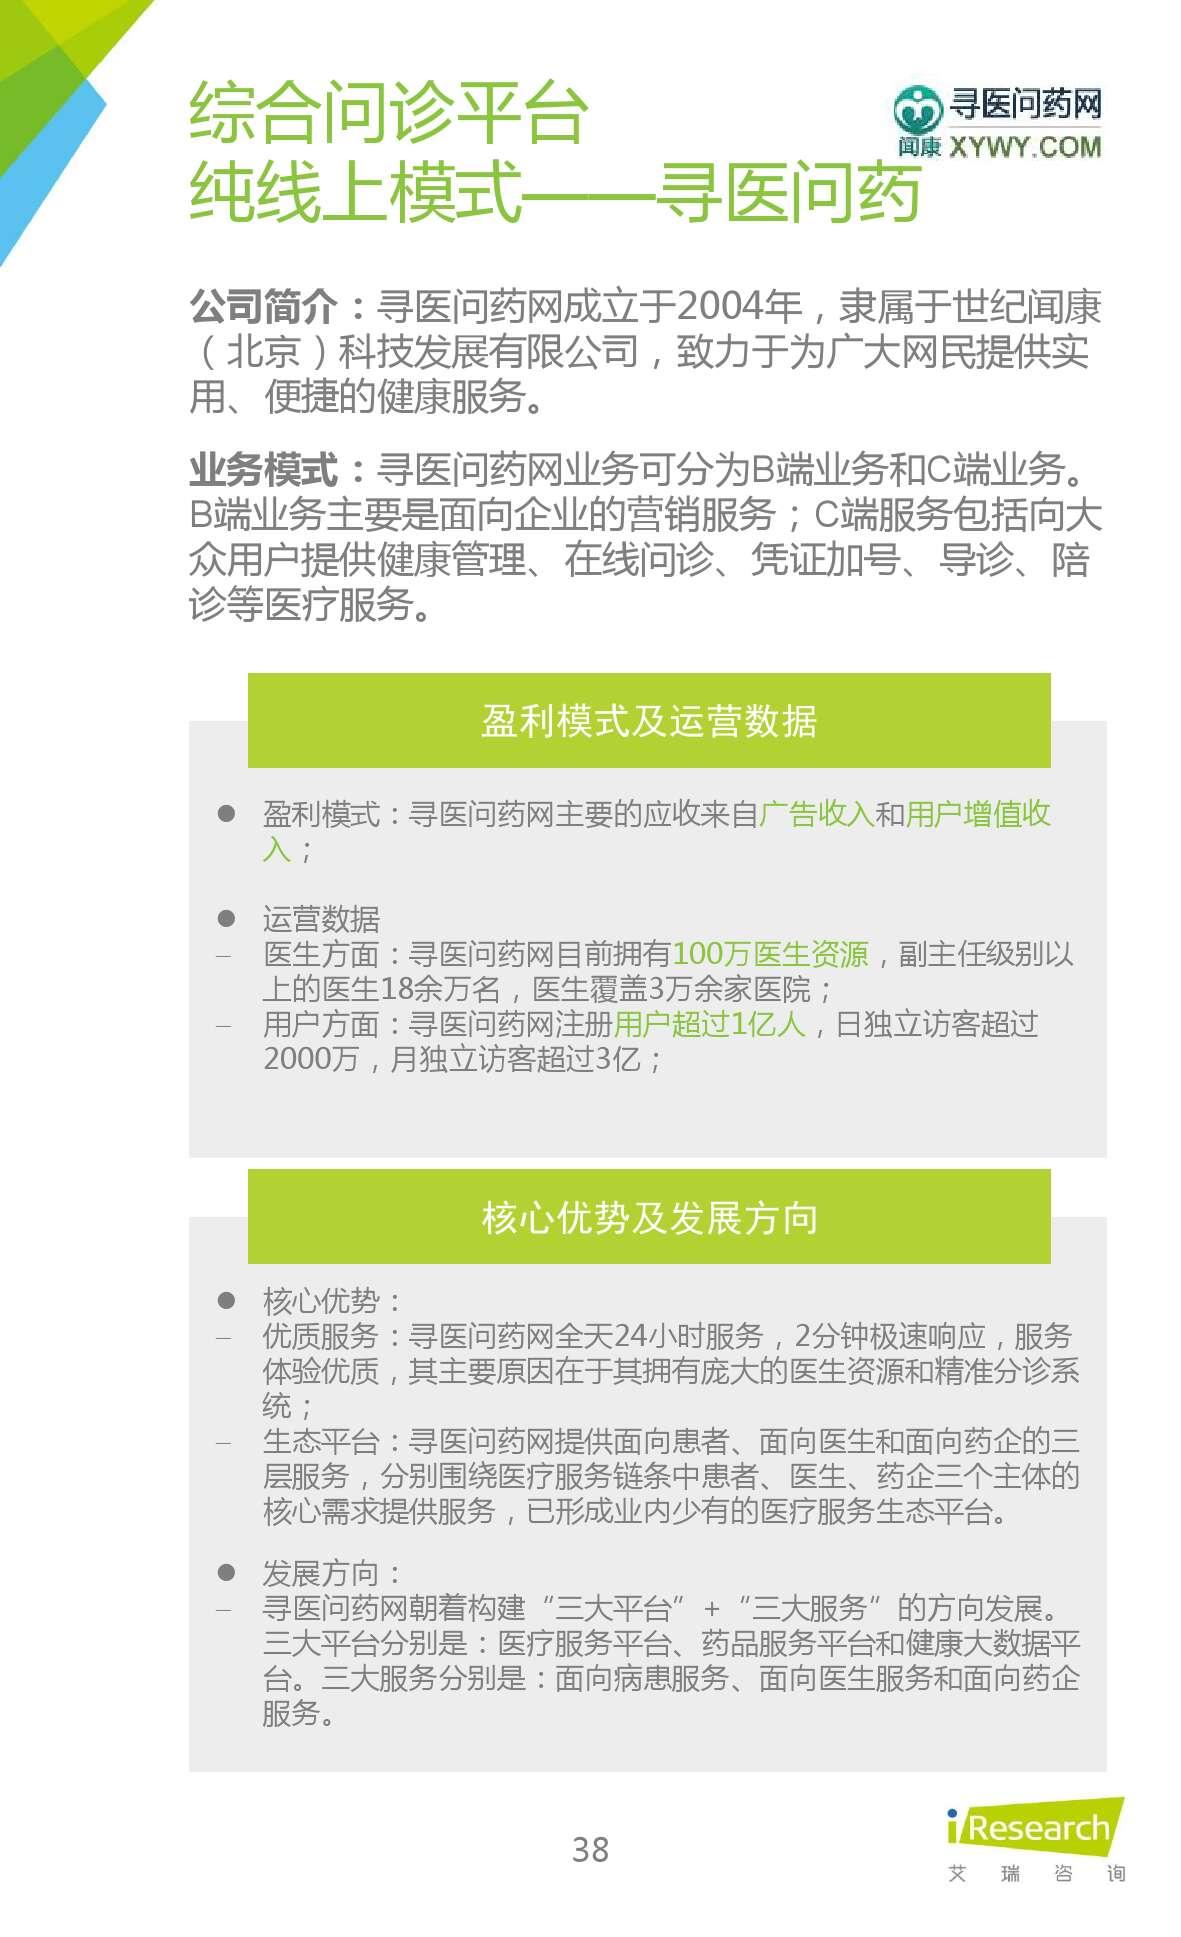 2015年中国在线问诊行业研究报告_000038